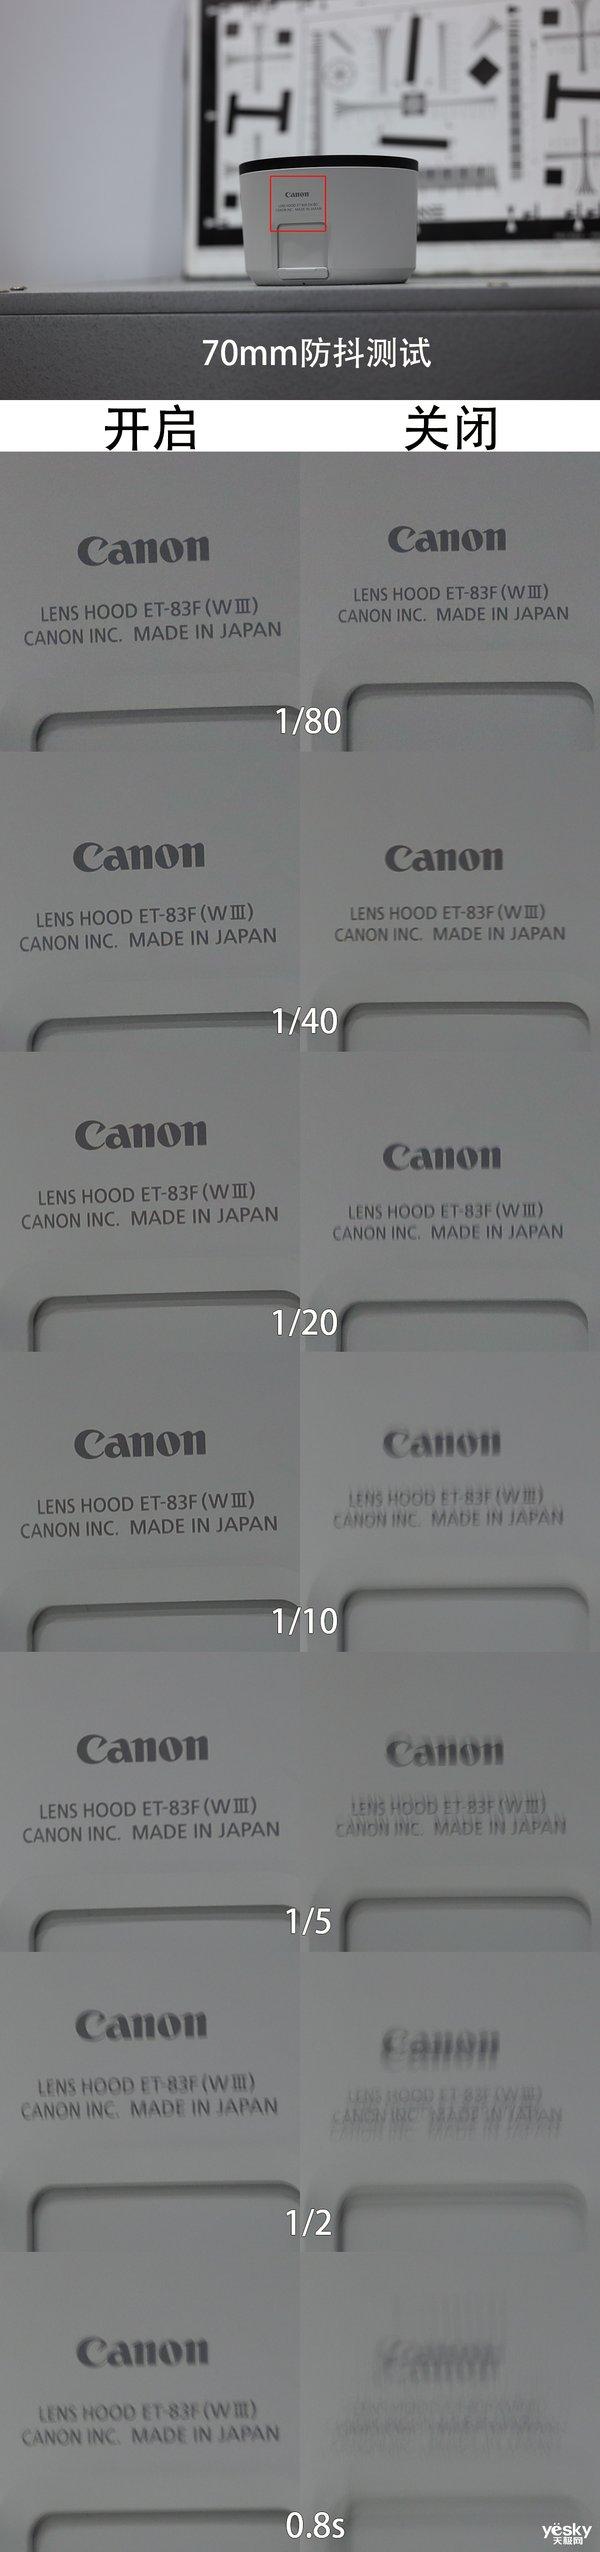 专微界的超电磁炮 佳能RF70-200mm F2.8 L IS USM简评